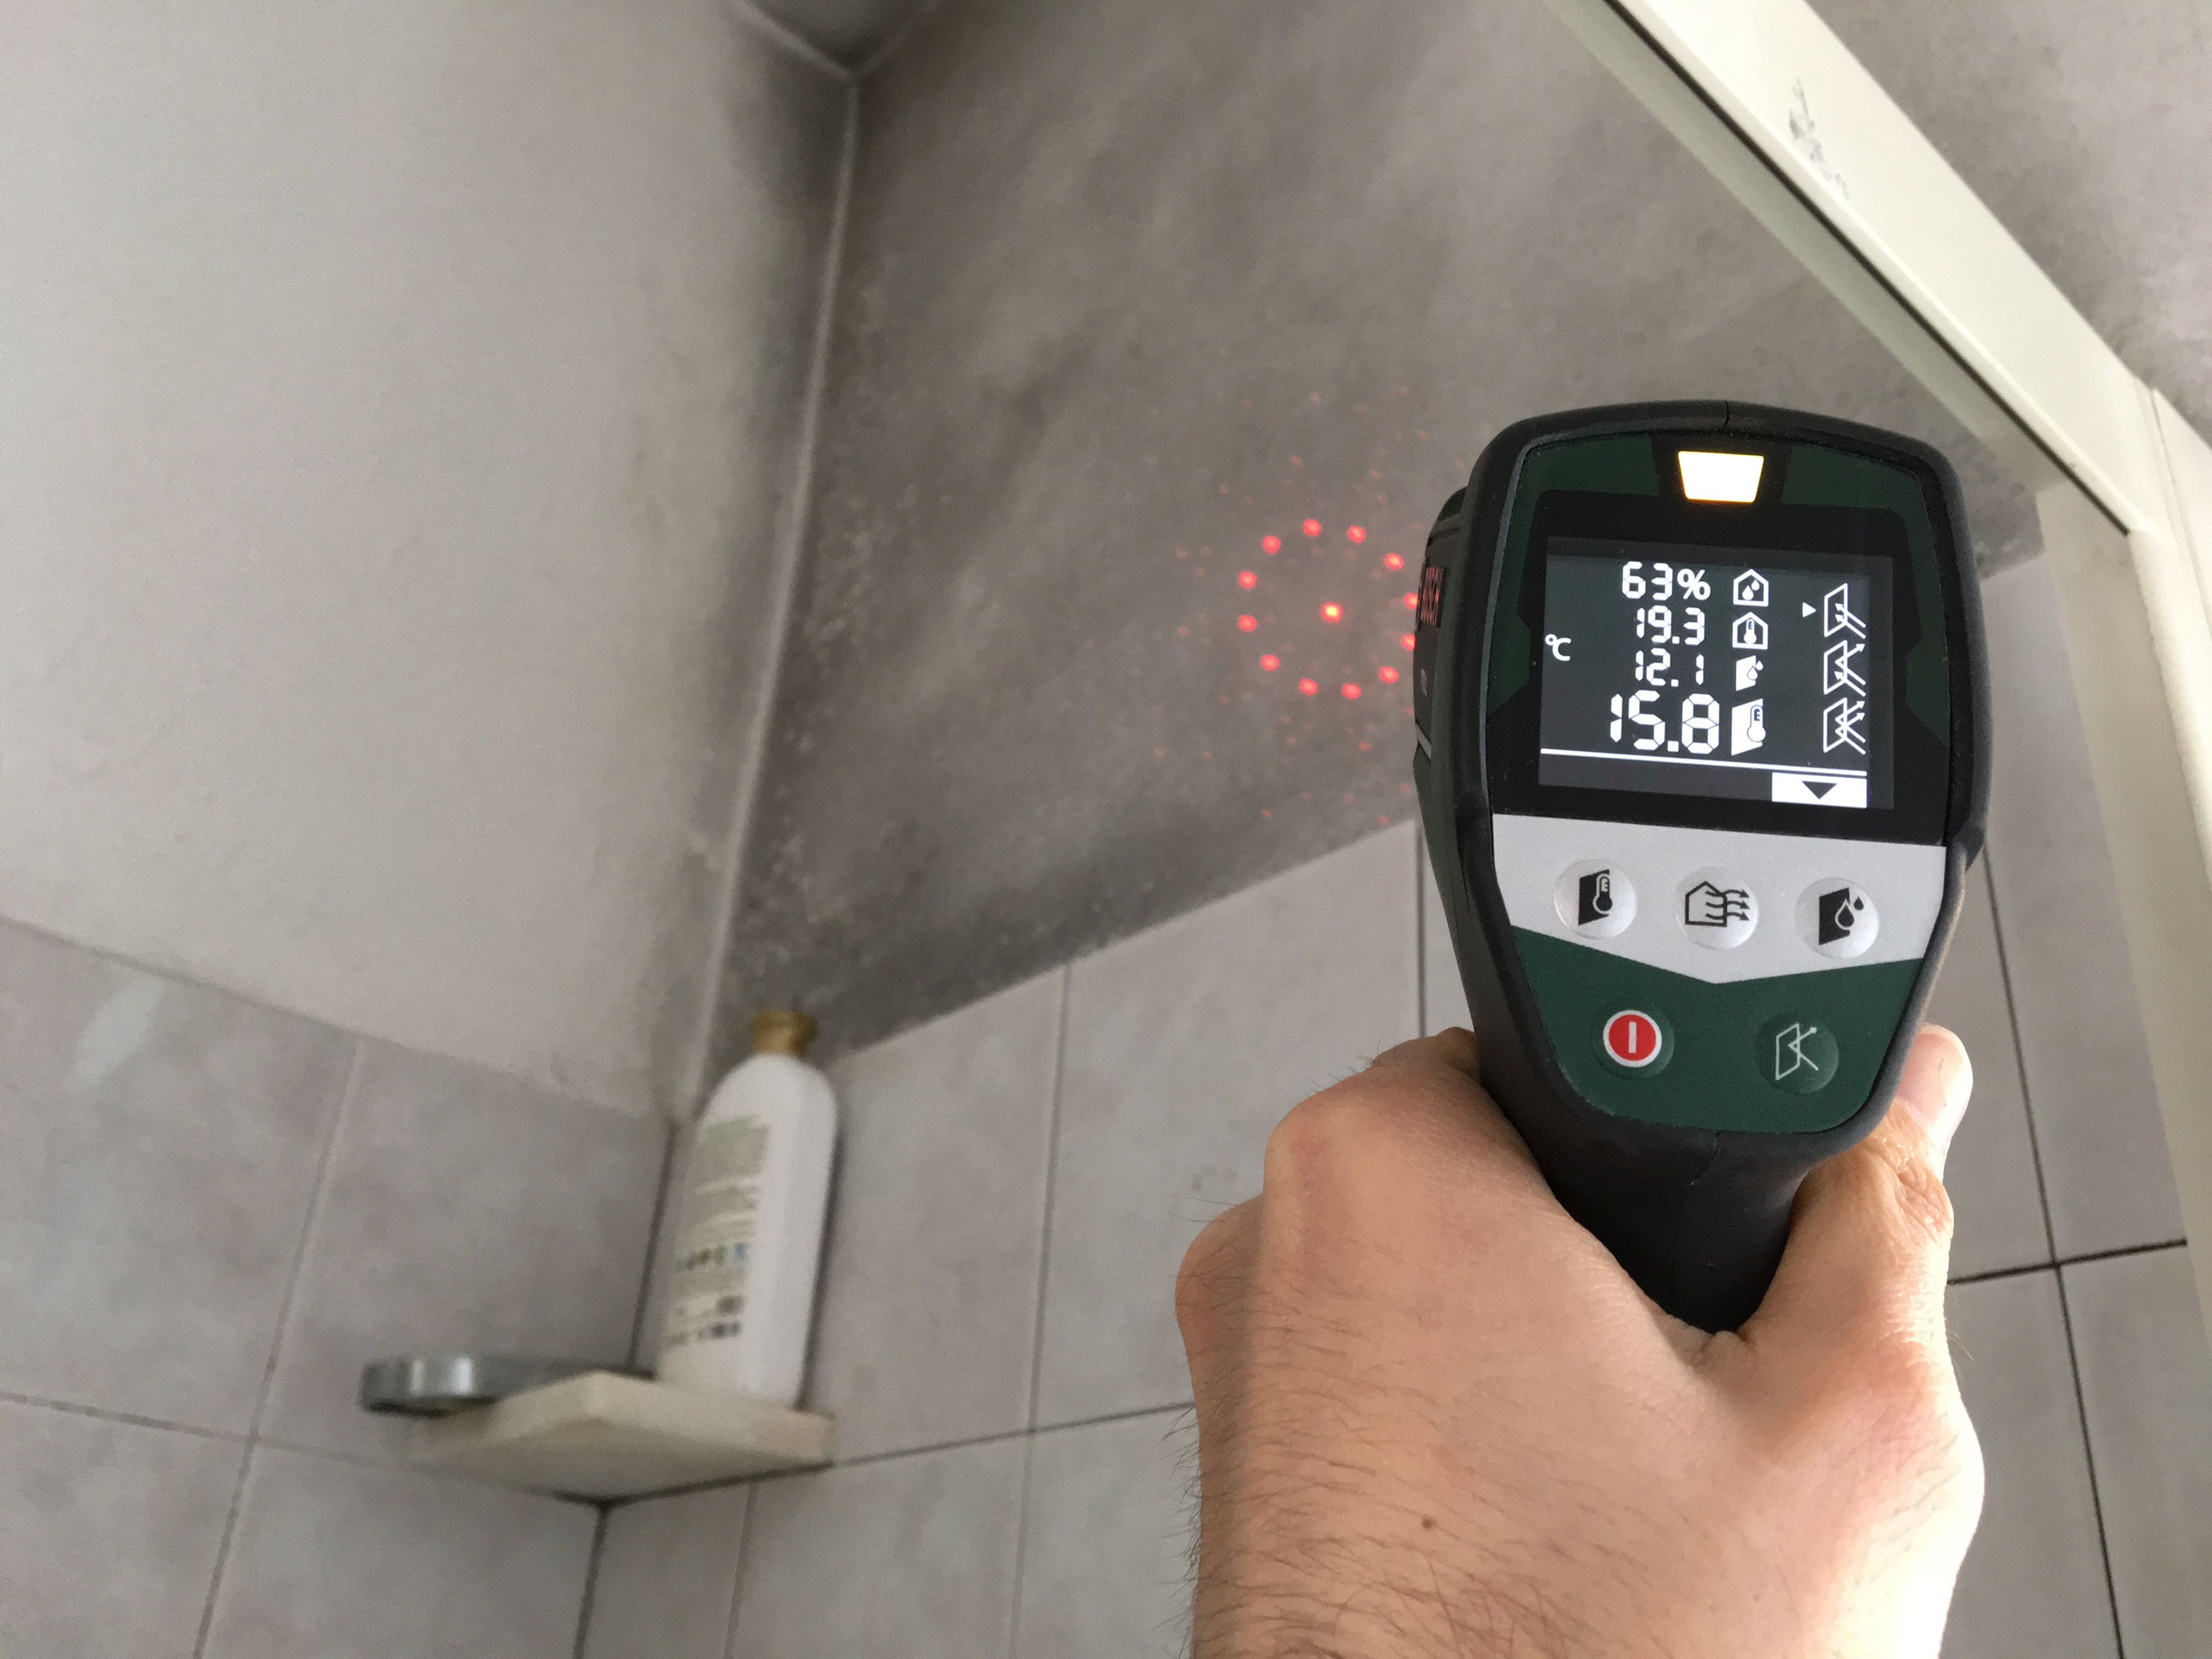 Muffa in bagno sopra il box doccia : come fare per risolvere e non respirare più vapori pieni di spore di muffa!